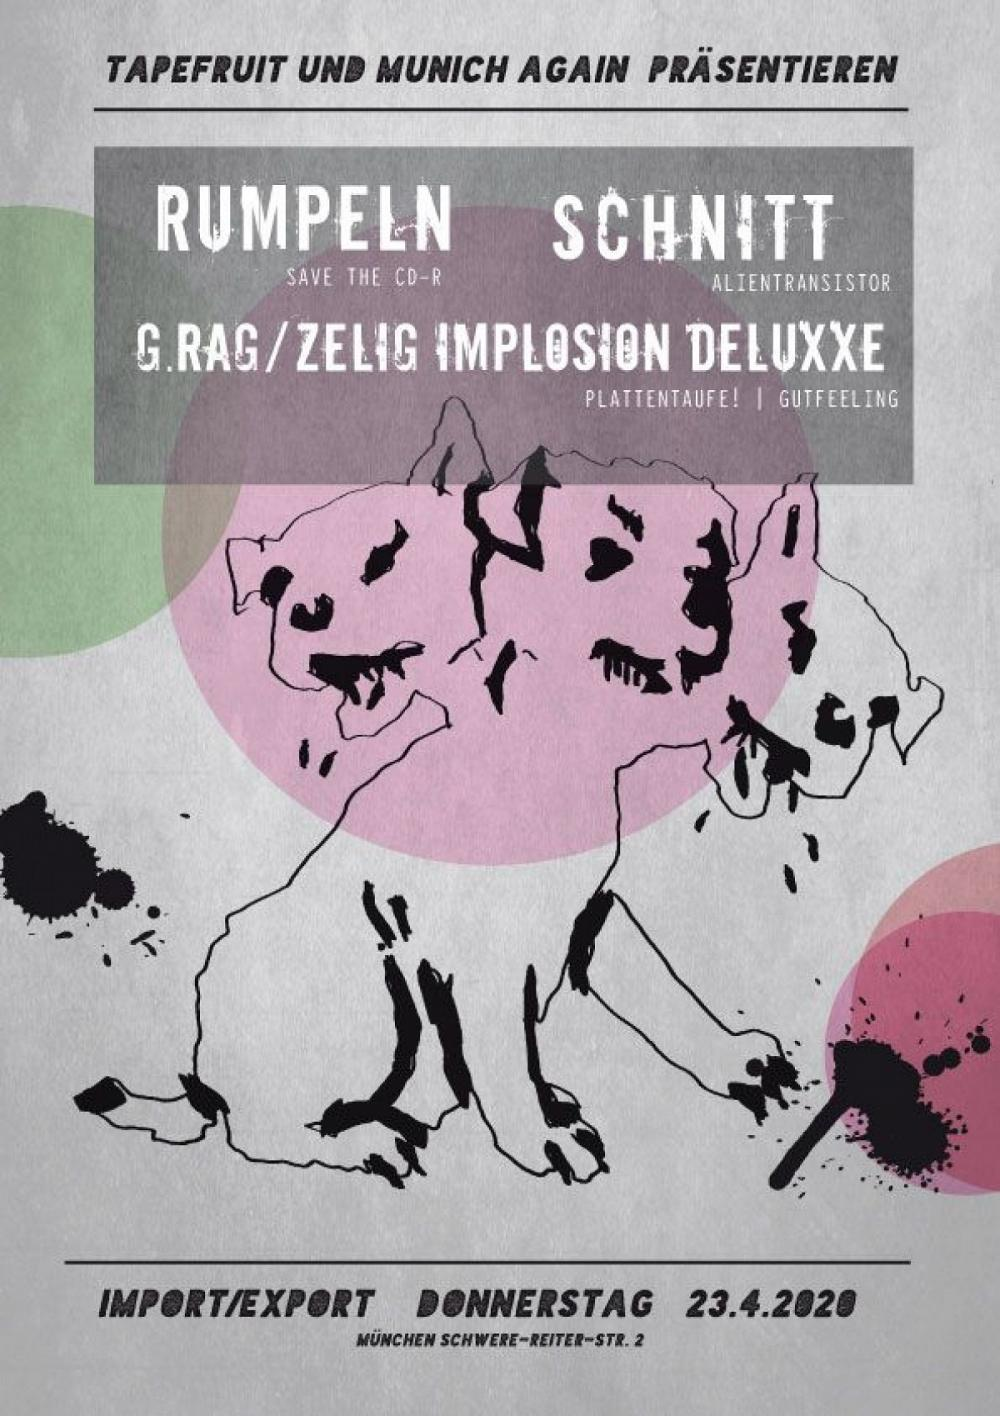 Tapefruit Konzert: g.rag / zelig implosion - deluxxe + Schnitt + Rumpeln | 23.04.2020 @ Import Export